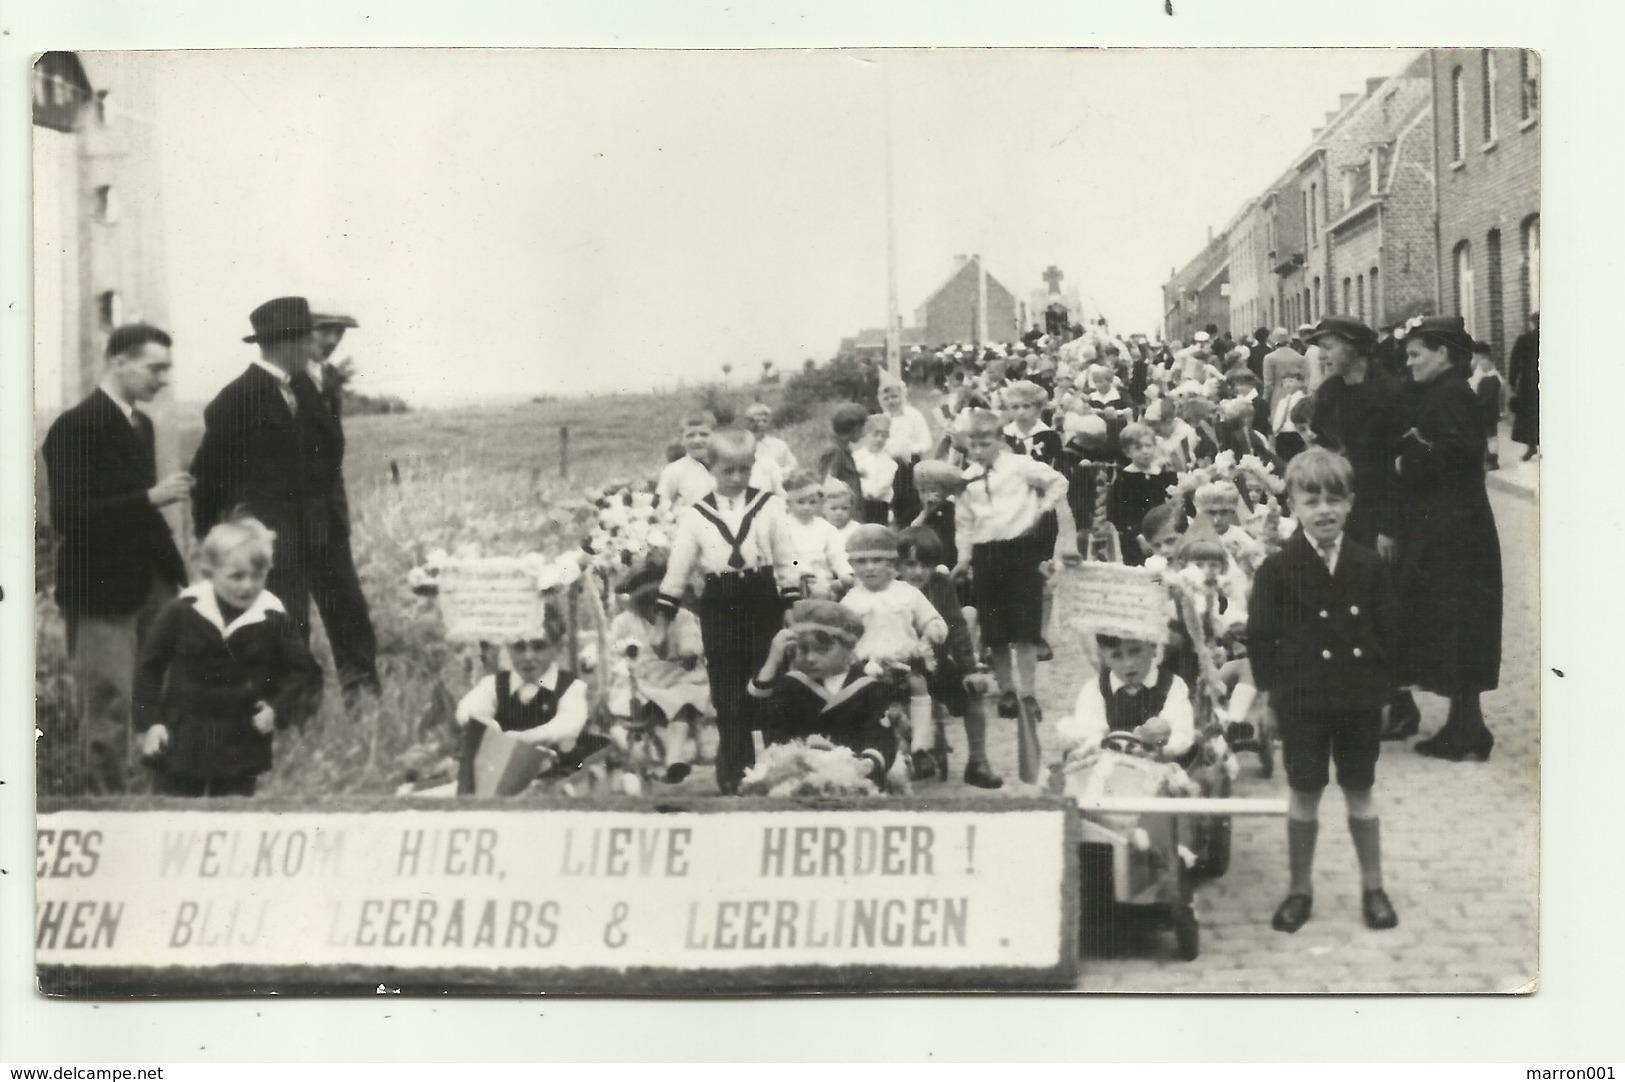 Neuve Eglise - Nieuwkerke - Fotokaart Welkom Lieve Herder - 11 Julie 1937 - Heuvelland